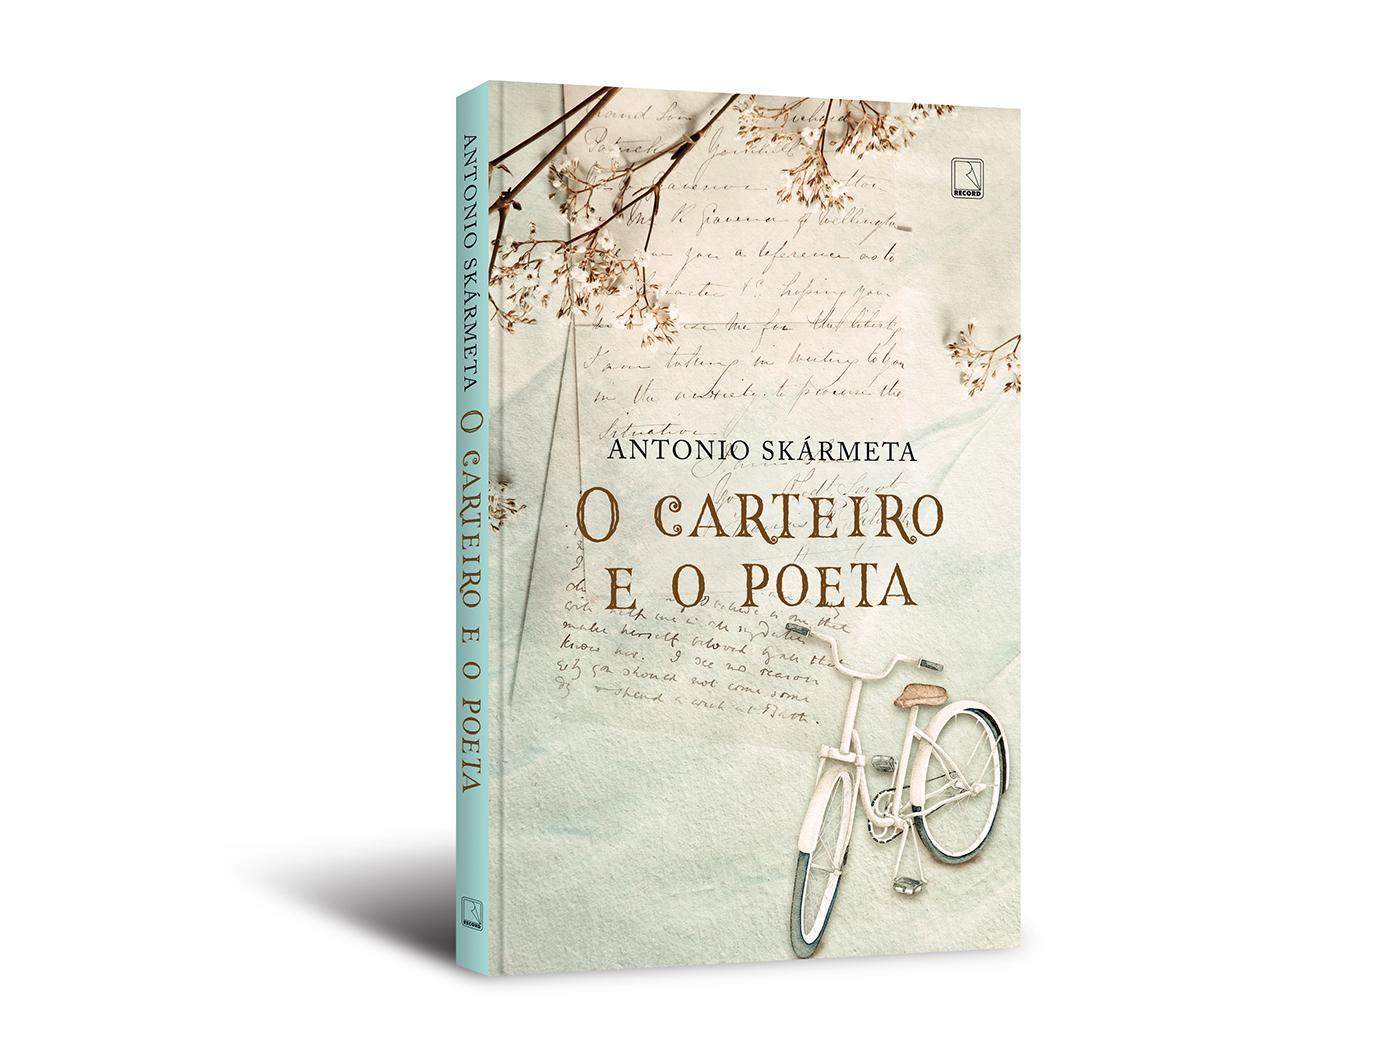 CARTEIRO O EO FILME POETA BAIXAR